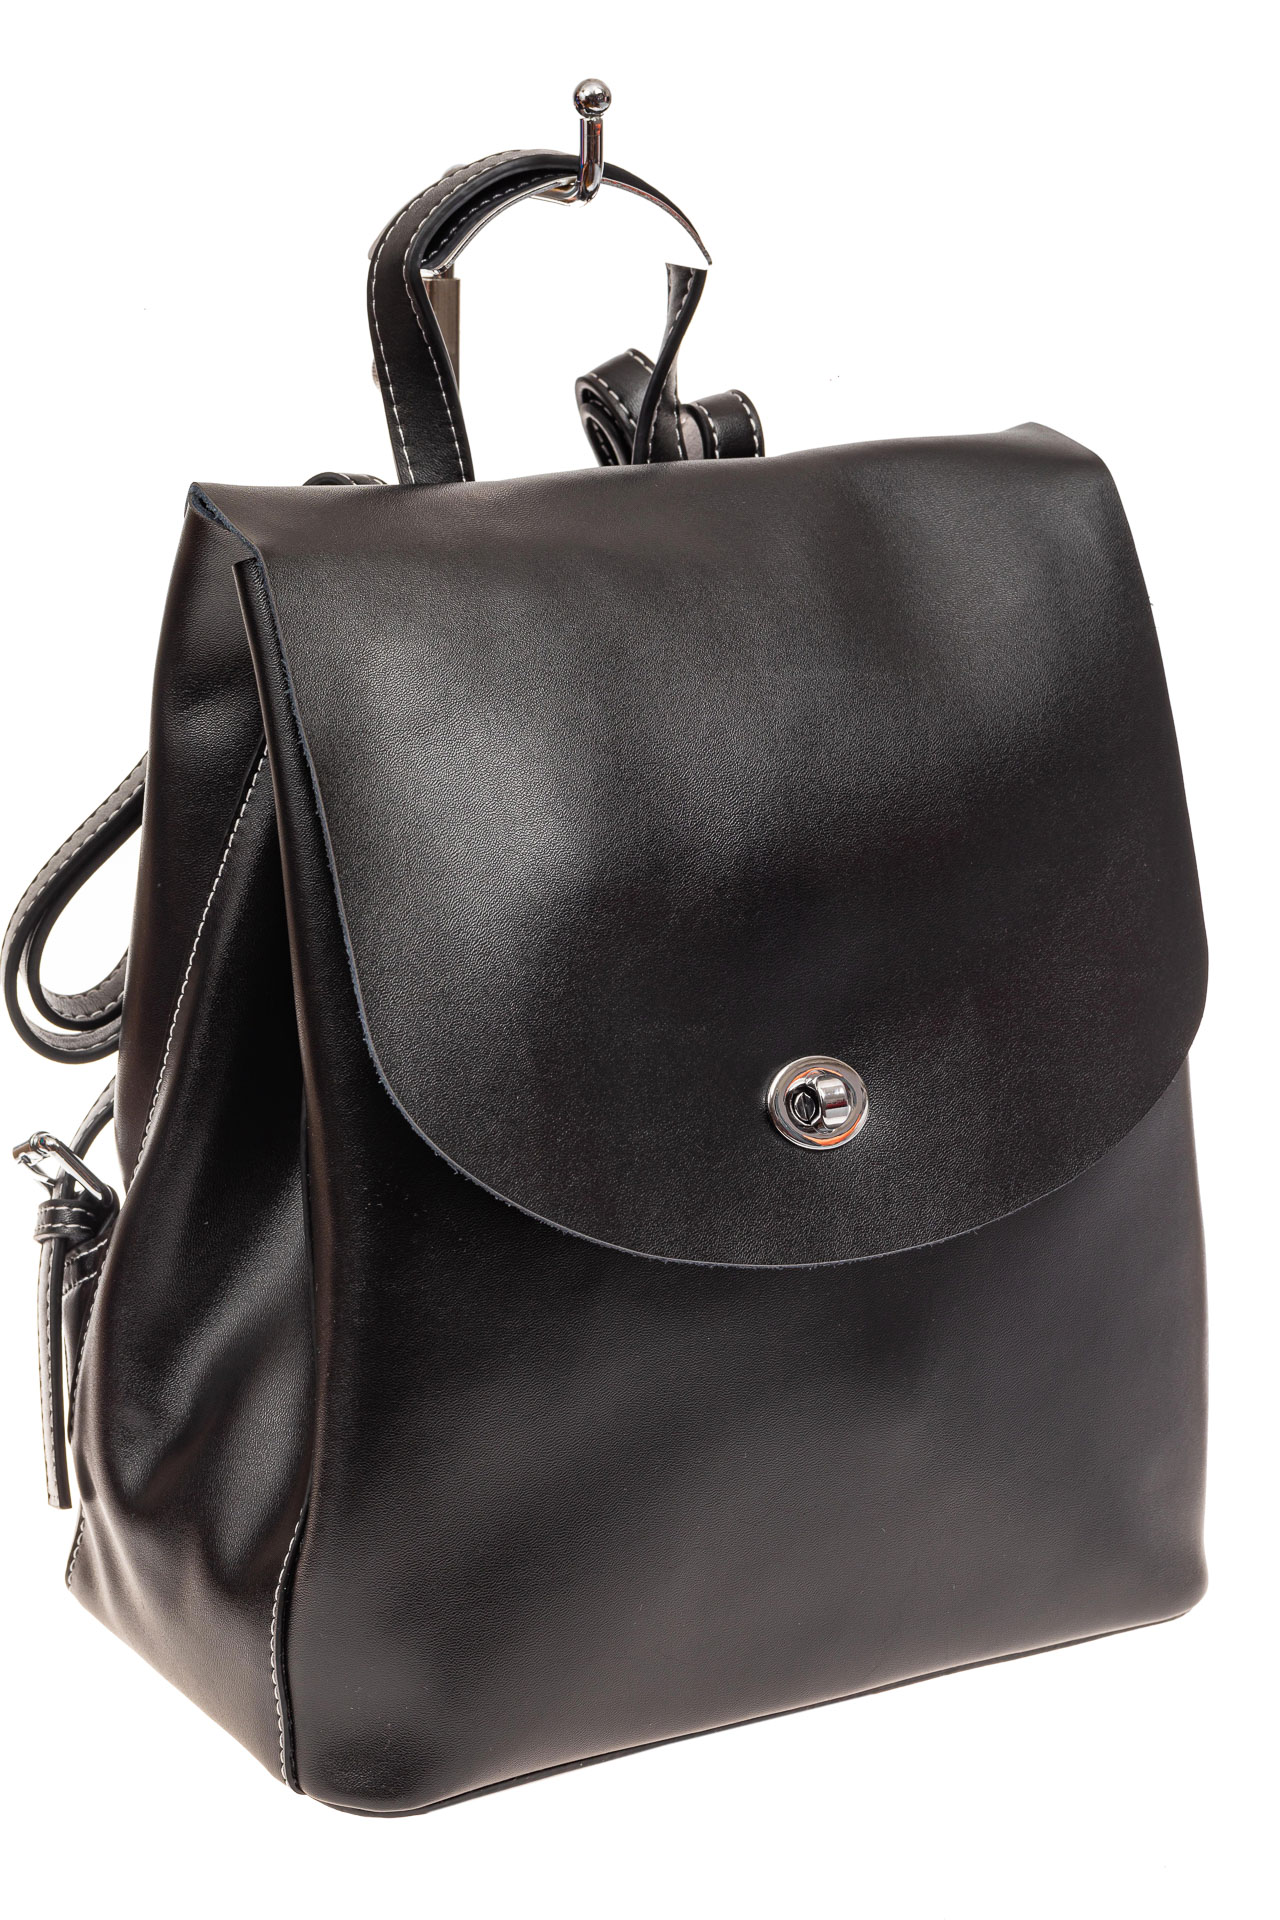 Классический женский рюкзак трансформер из натуральной кожи, цвет черный55-9950RJ1219/1